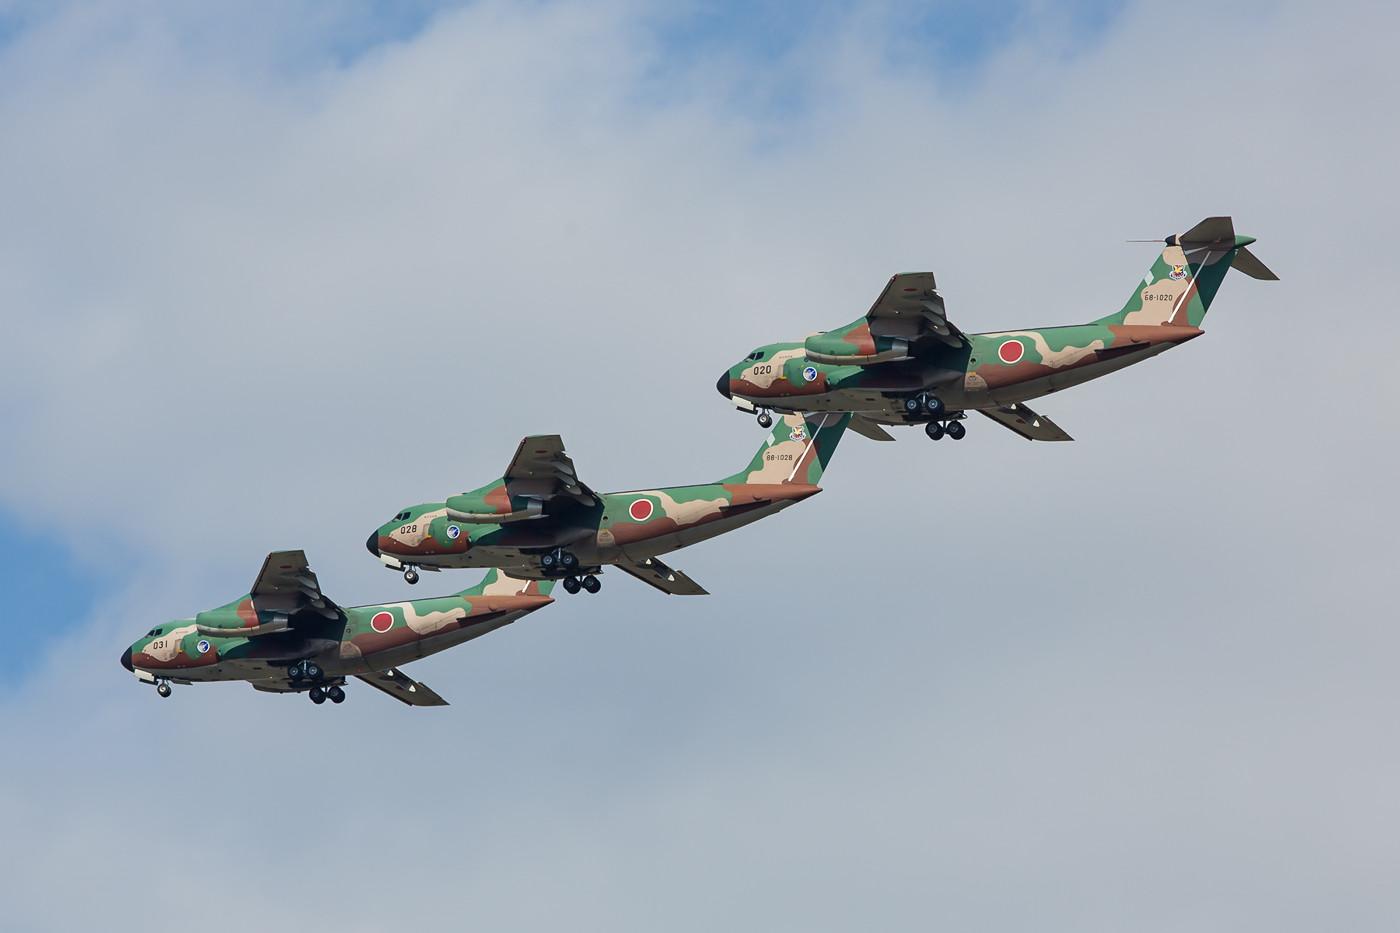 Die C-1 zeigen ihre Langsamflugeigenschaften.